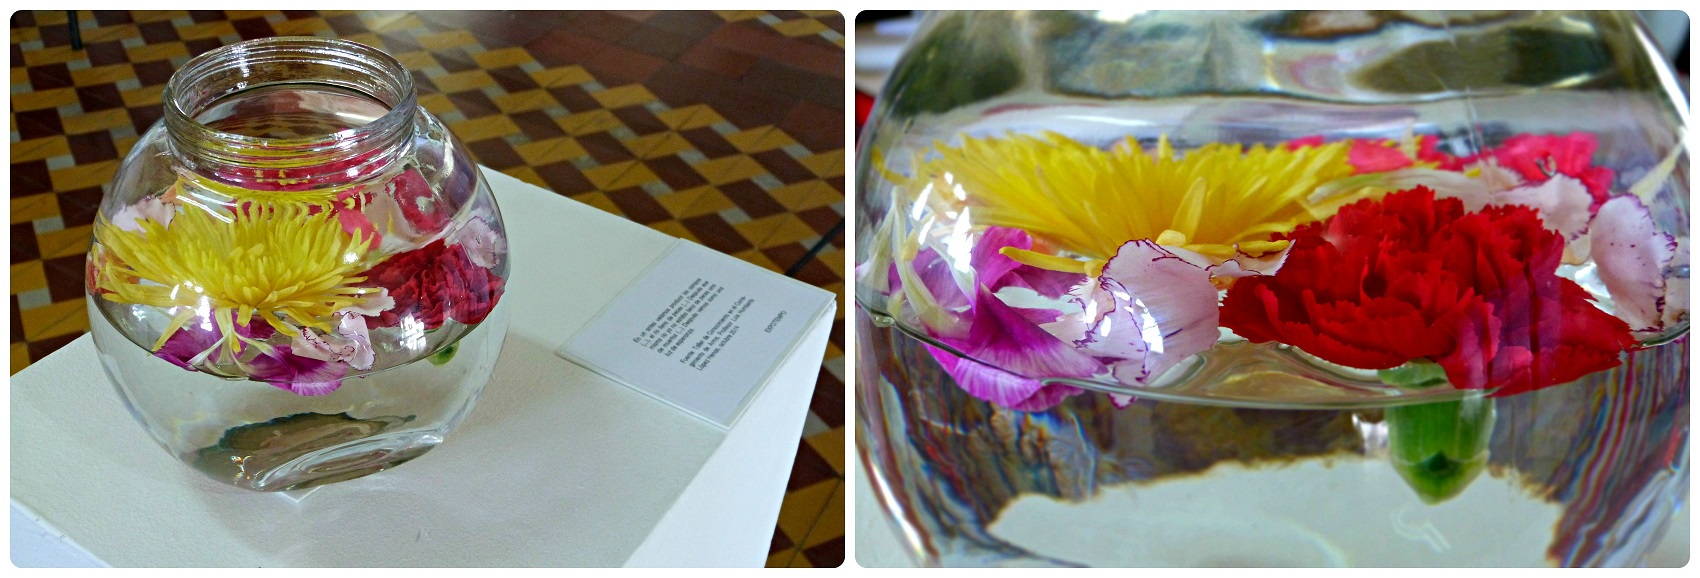 Fleurs dans un bol d'eau à exposées à l'expo Tempo à Aguadas